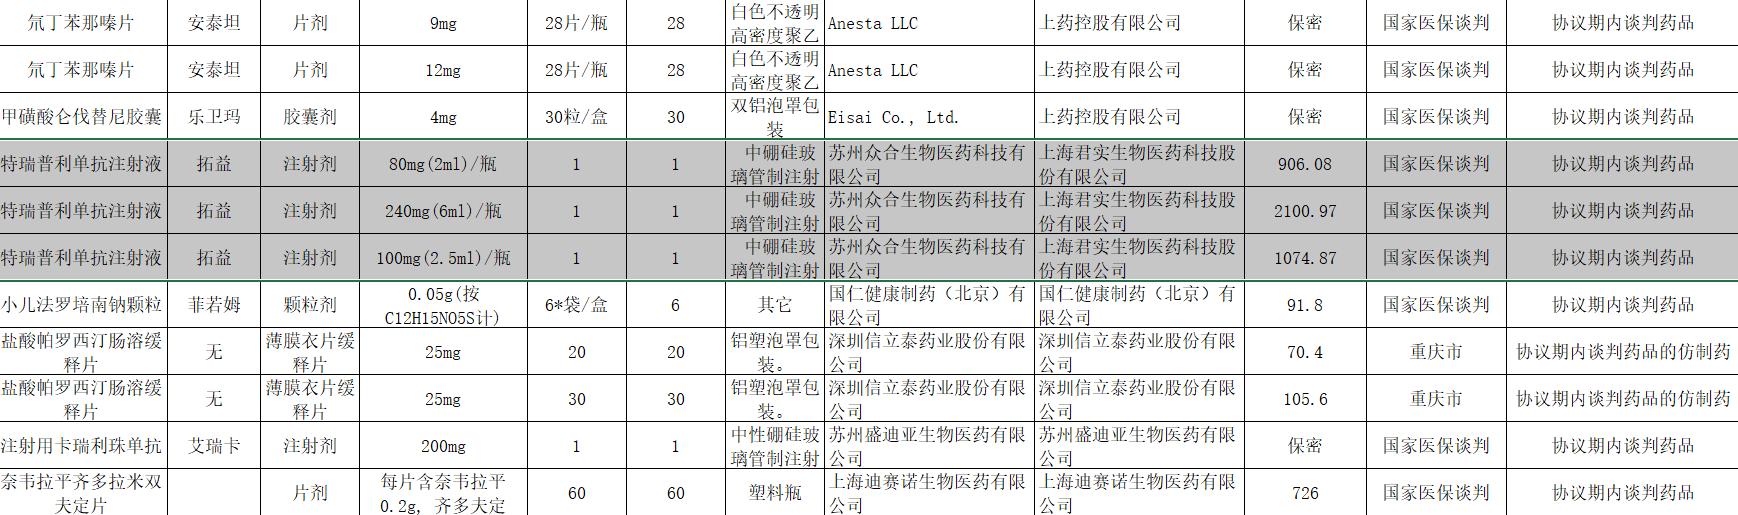 《吉林省2021年协议期内谈判药品及其仿制药挂网采购结果》表格截图